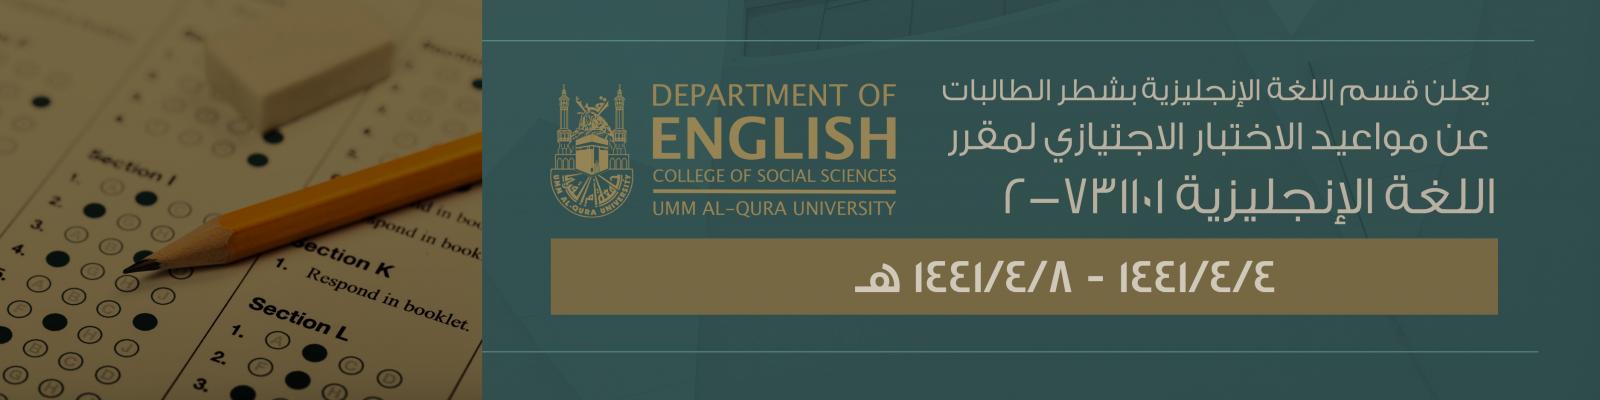 مواعيد الاختبار الاجتيازي لمقرر اللغة الإنجليزية ٧٣١١٠١-٢ (بمقر الطالبات بالزاهر)